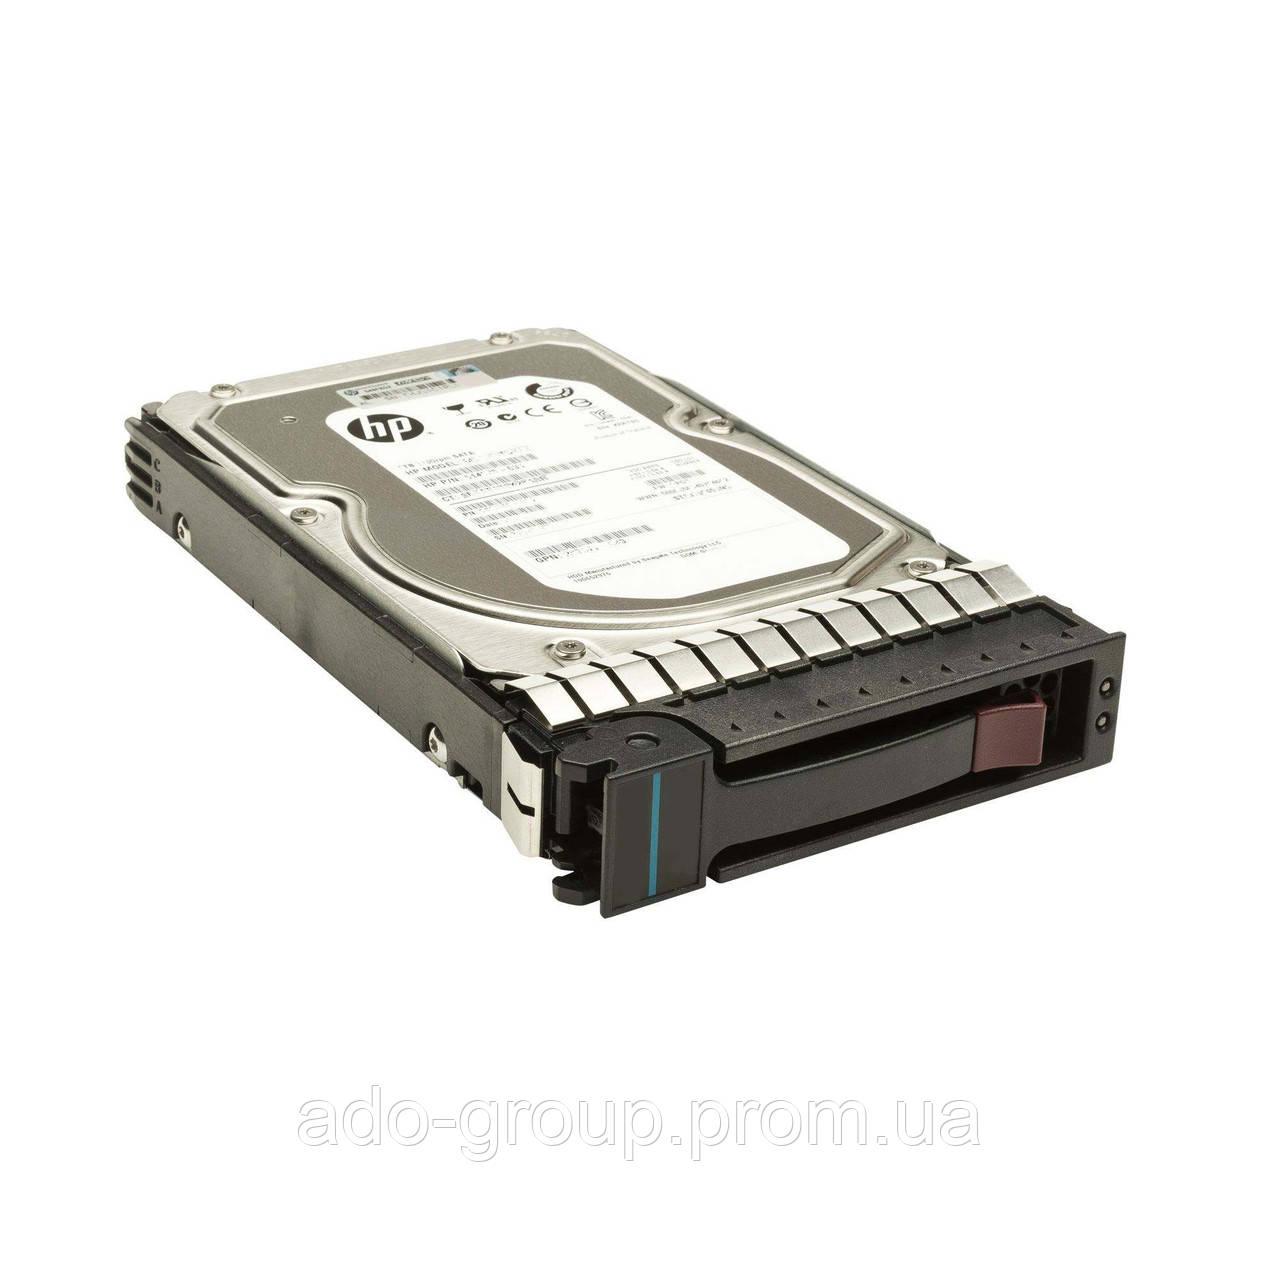 """480528-002 Жесткий диск HP 450GB SAS 15K 3G DP 3.5"""""""